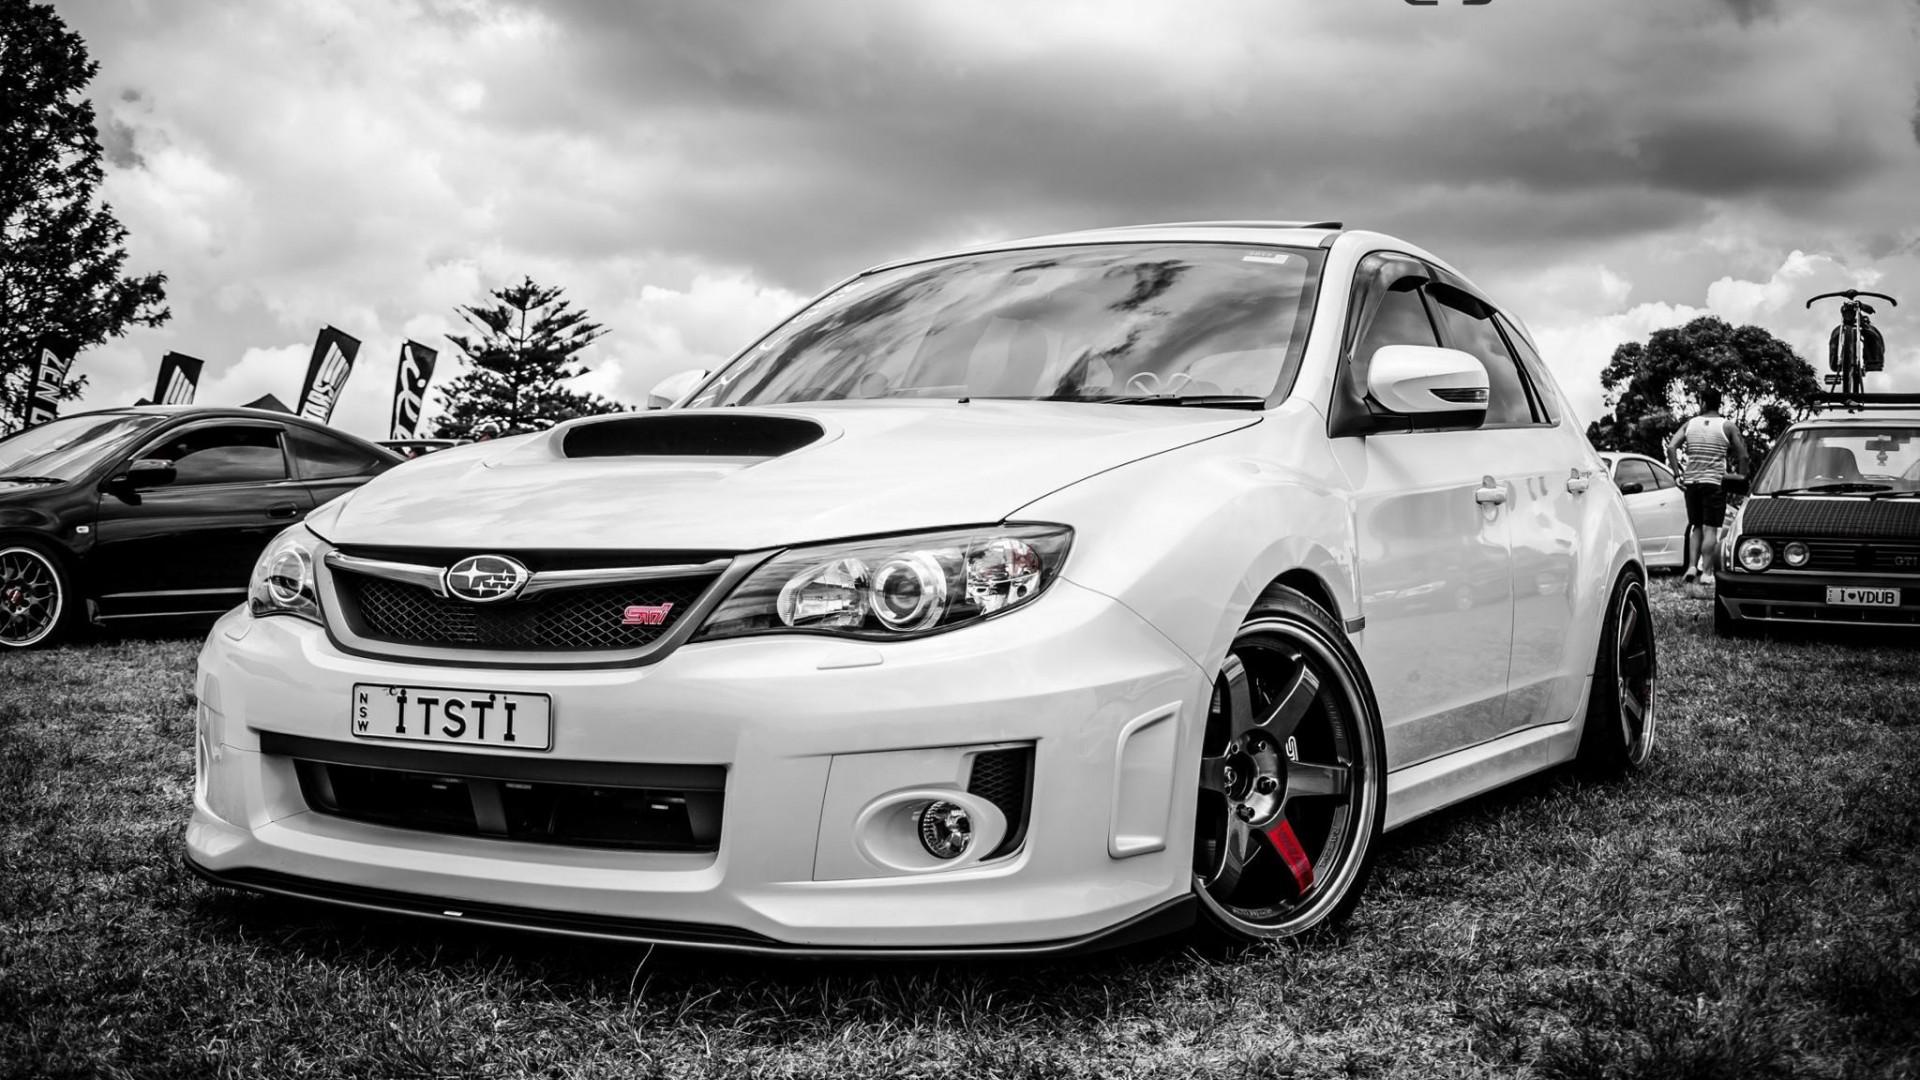 Subaru Wallpaper 1080p  WallpaperSafari